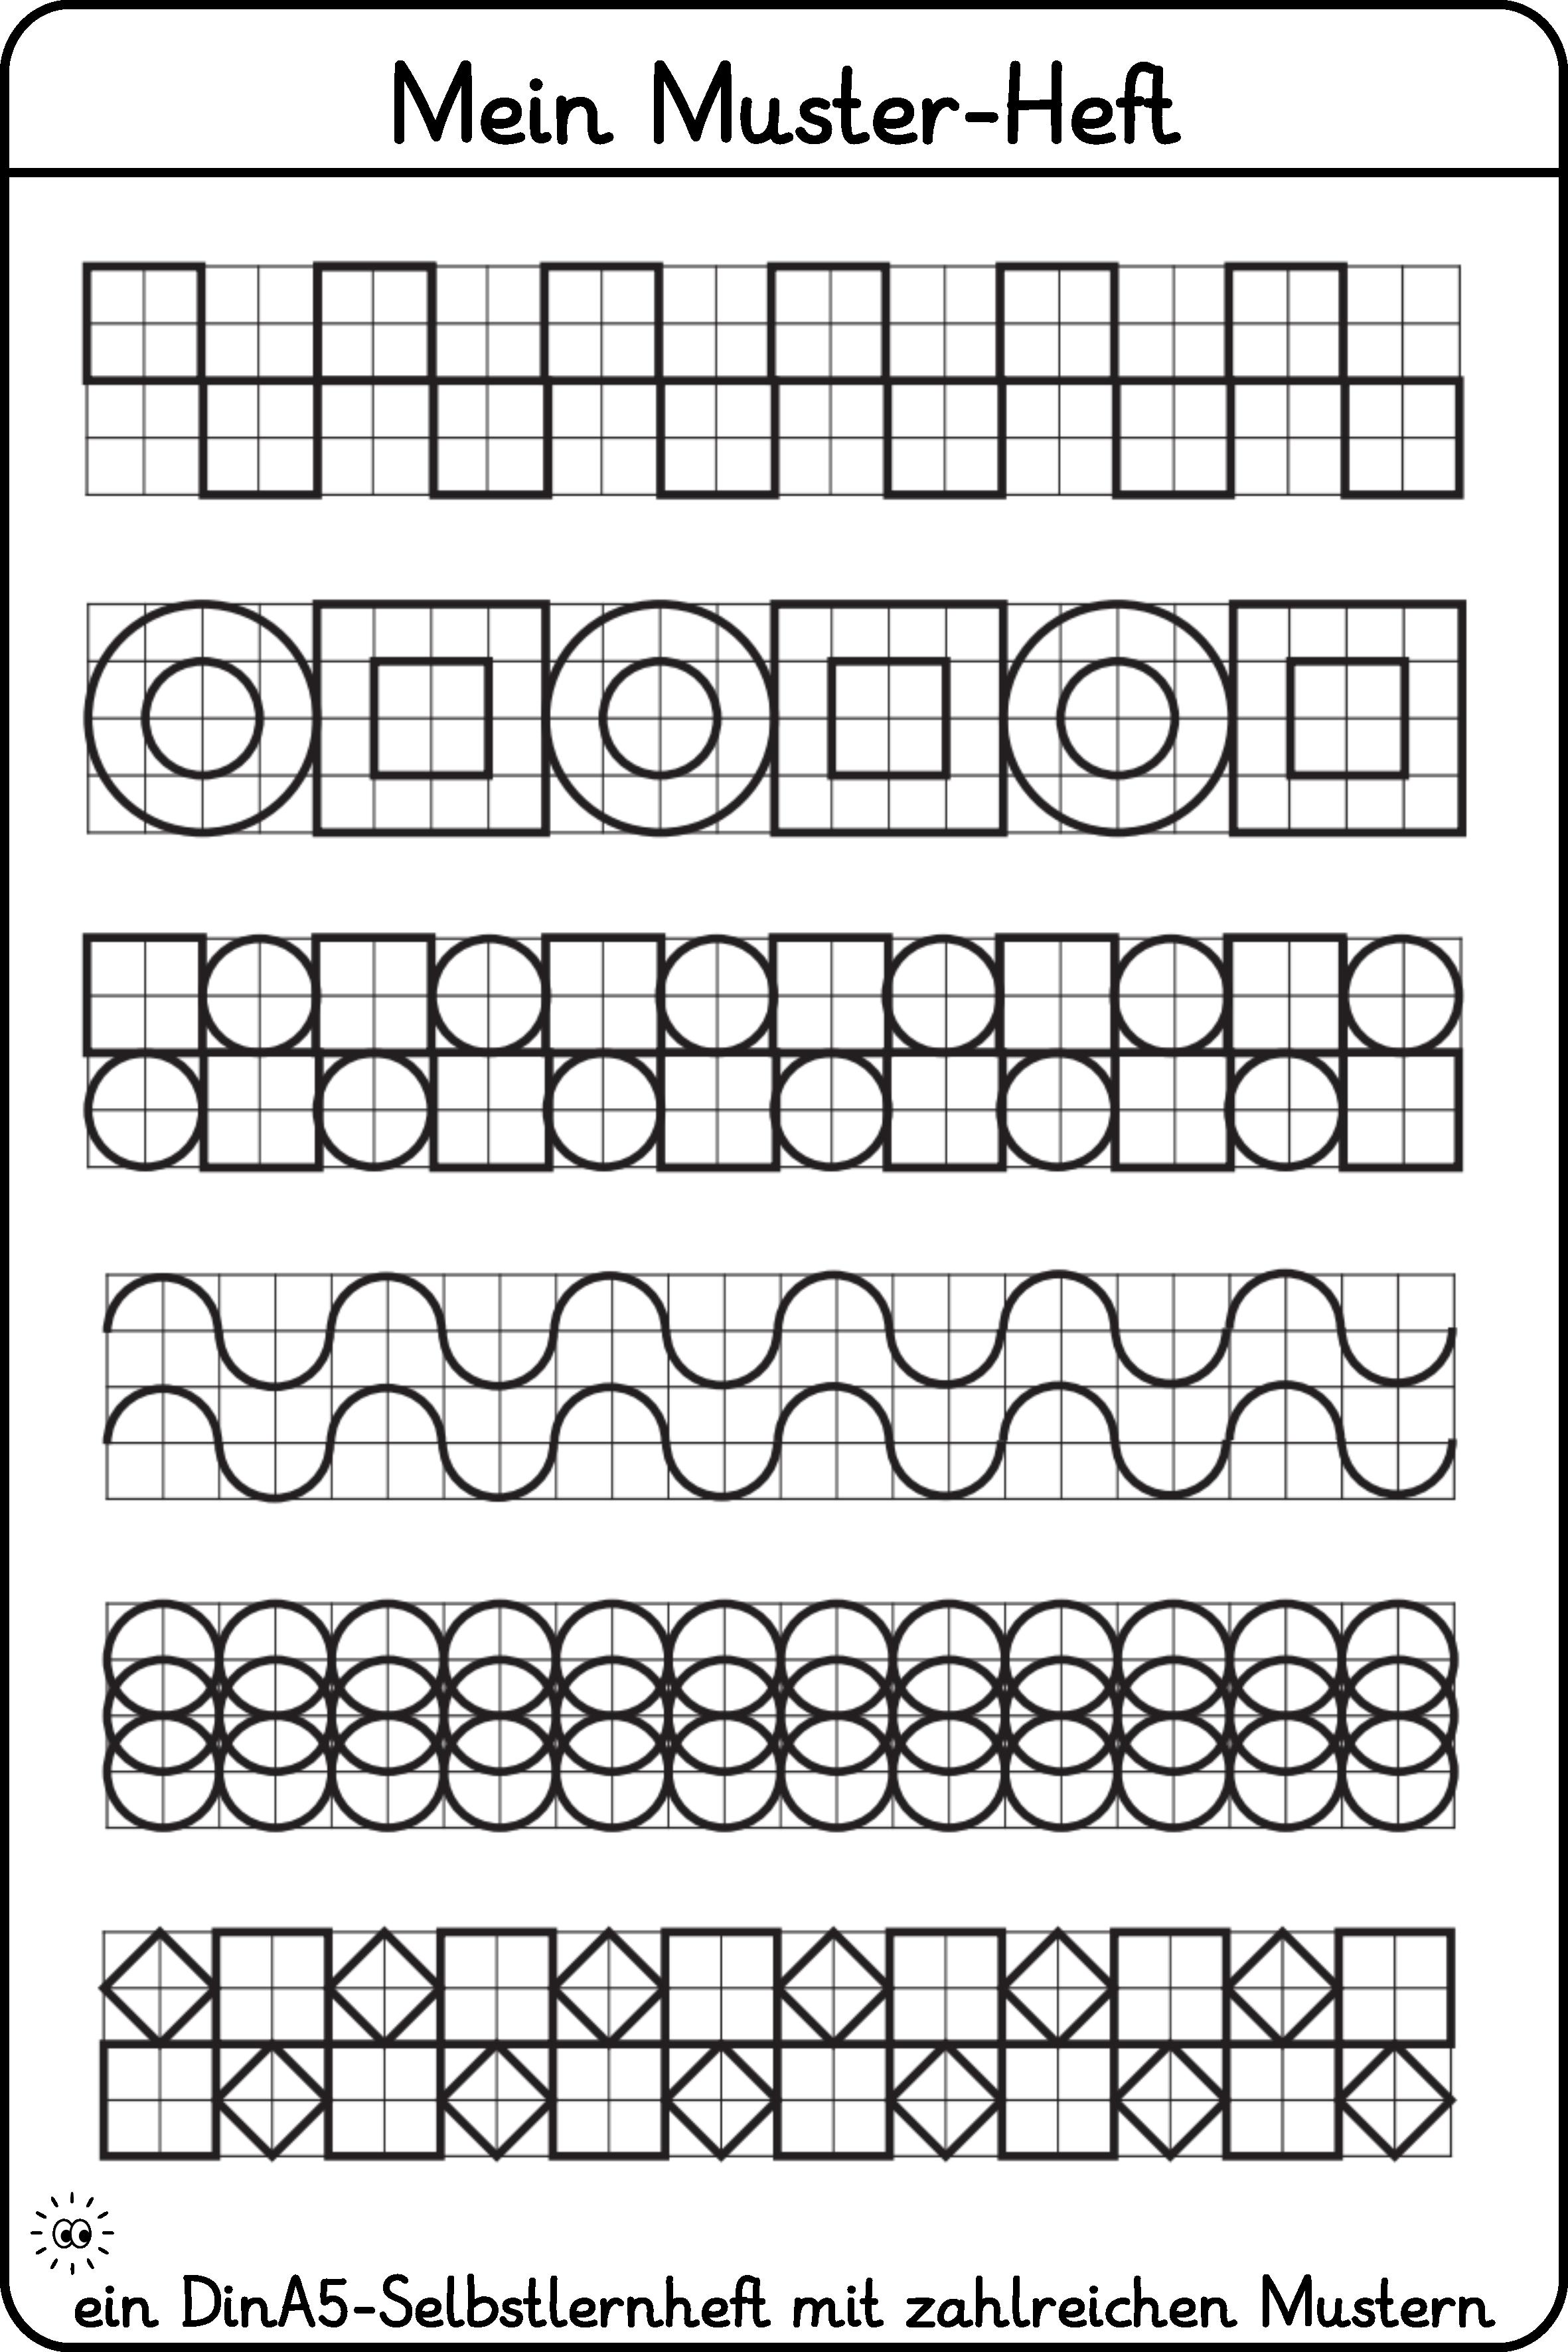 Mein Muster Heft Muster Zeichnen Muster Fortsetzen Muster Zahlenstrahl Lernen